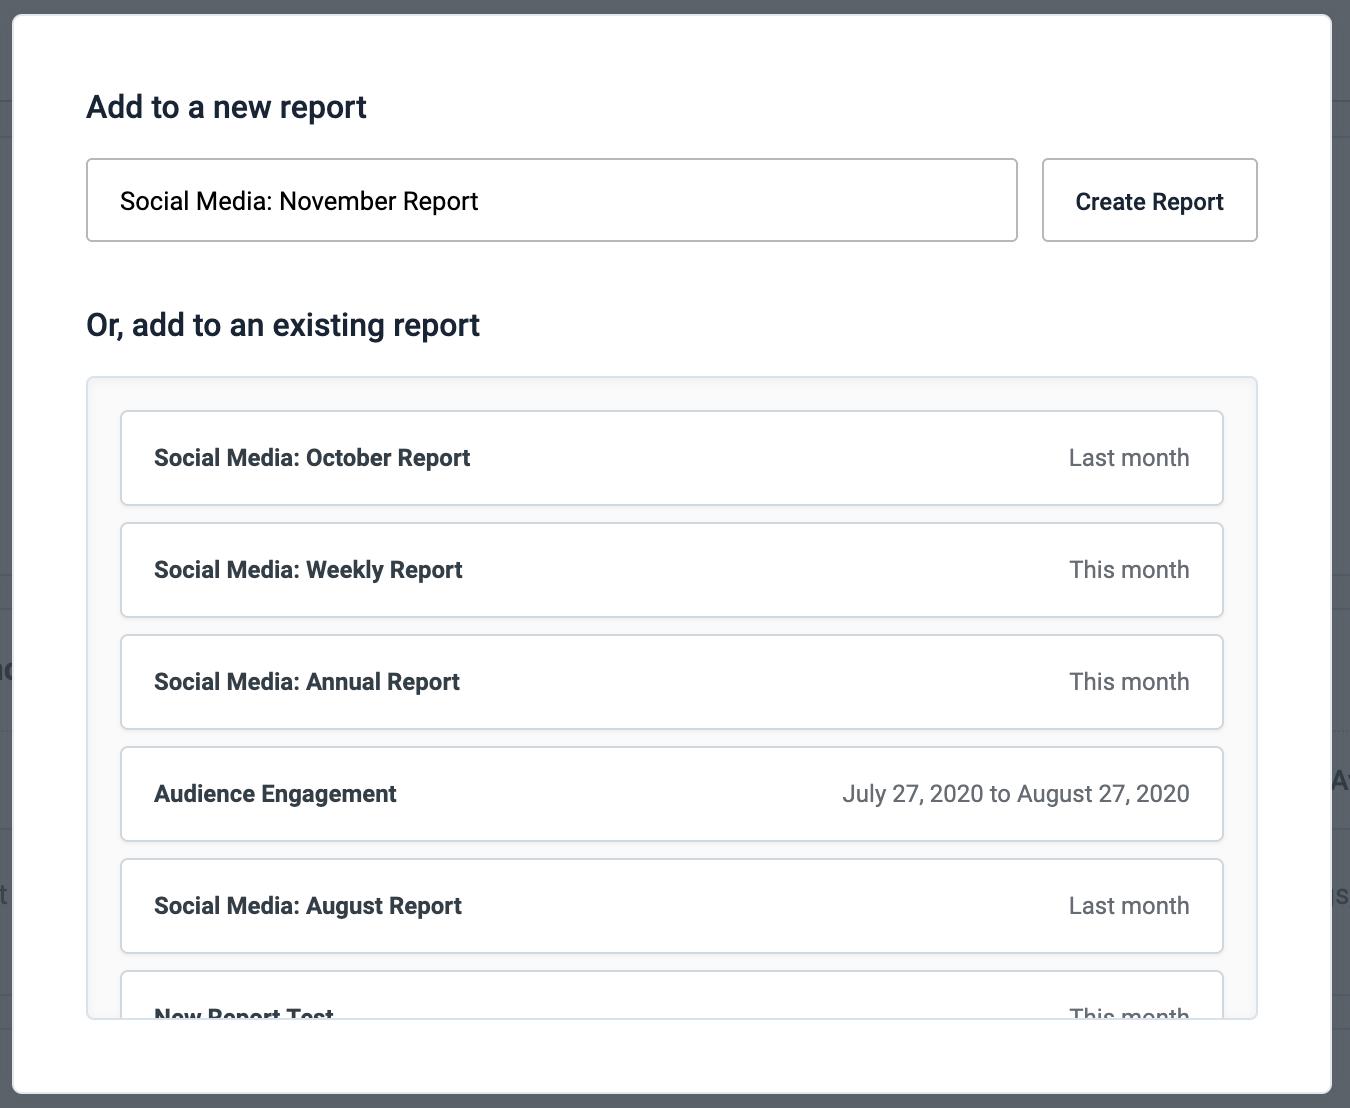 Cree un informe nuevo o agréguelo a un informe existente